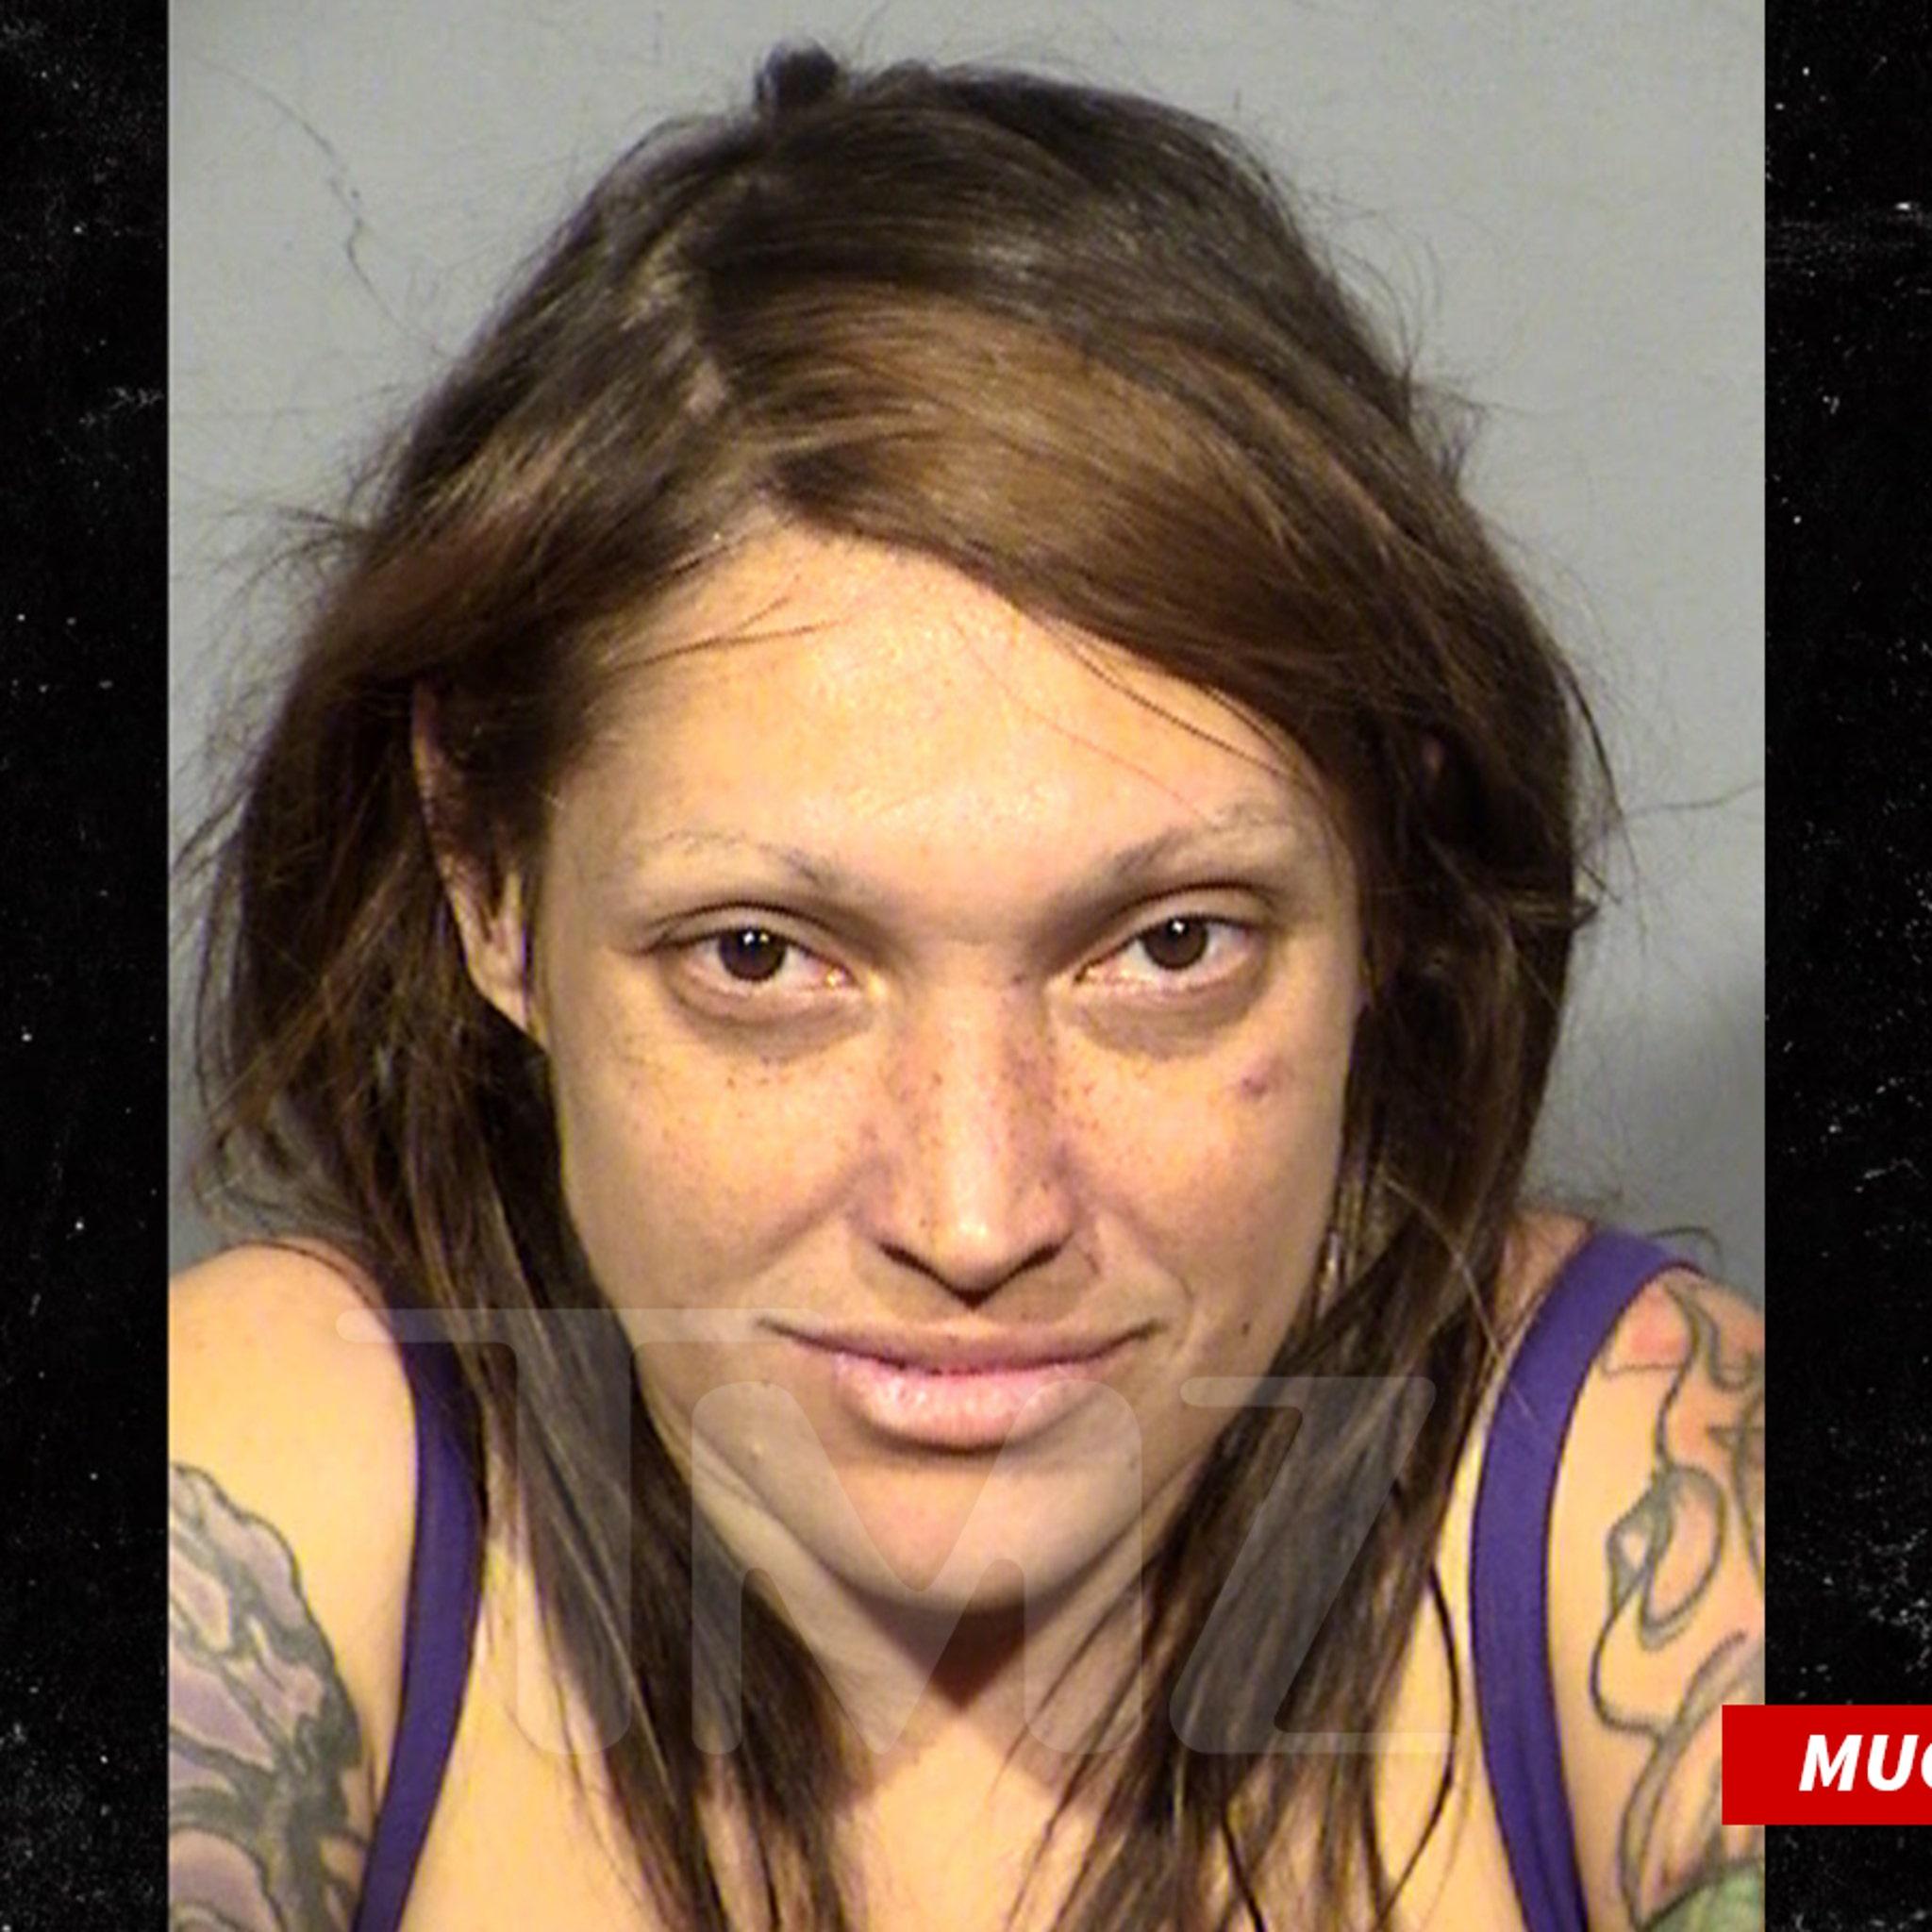 Porn Star 'Bridget the Midget' Arrested for Allegedly Stabbing Boyfriend in Leg